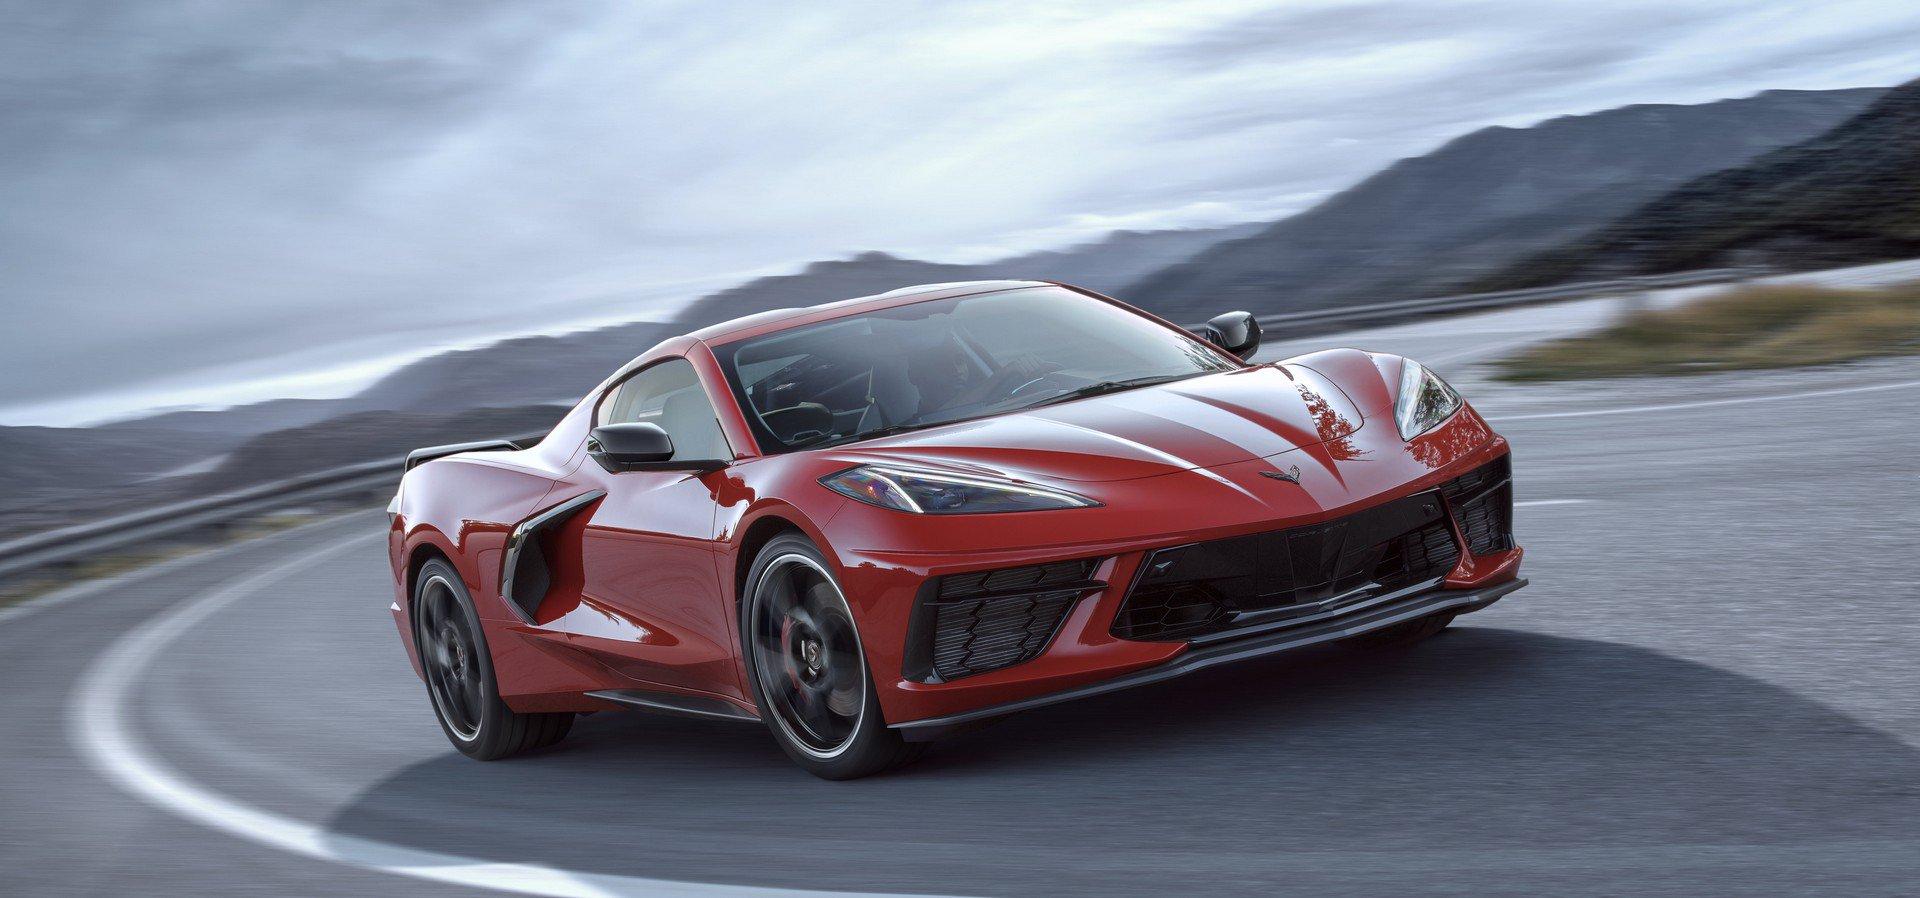 Chevrolet ra mắt Corvette C8 thế hệ mới thiết kế táo bạo, động cơ đặt giữa - 22